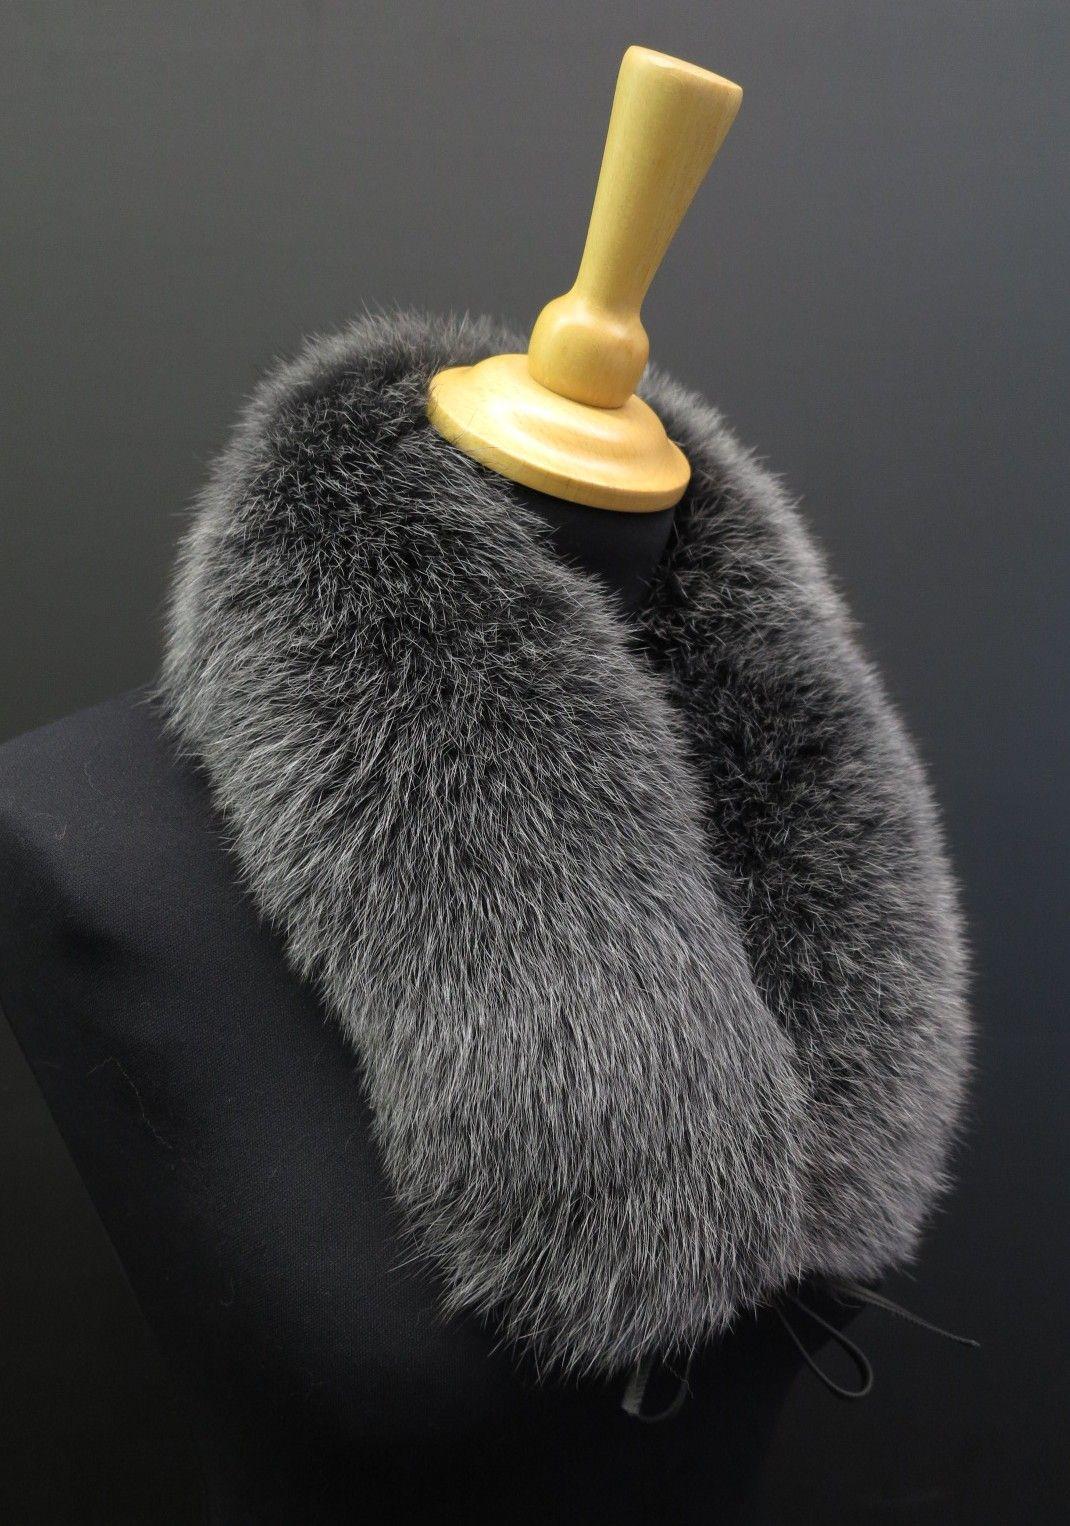 7a3400cbd4b Šedý kožešinový límeček kolem krku z barvené lišky. Pravá kožešina. Český  výrobek.